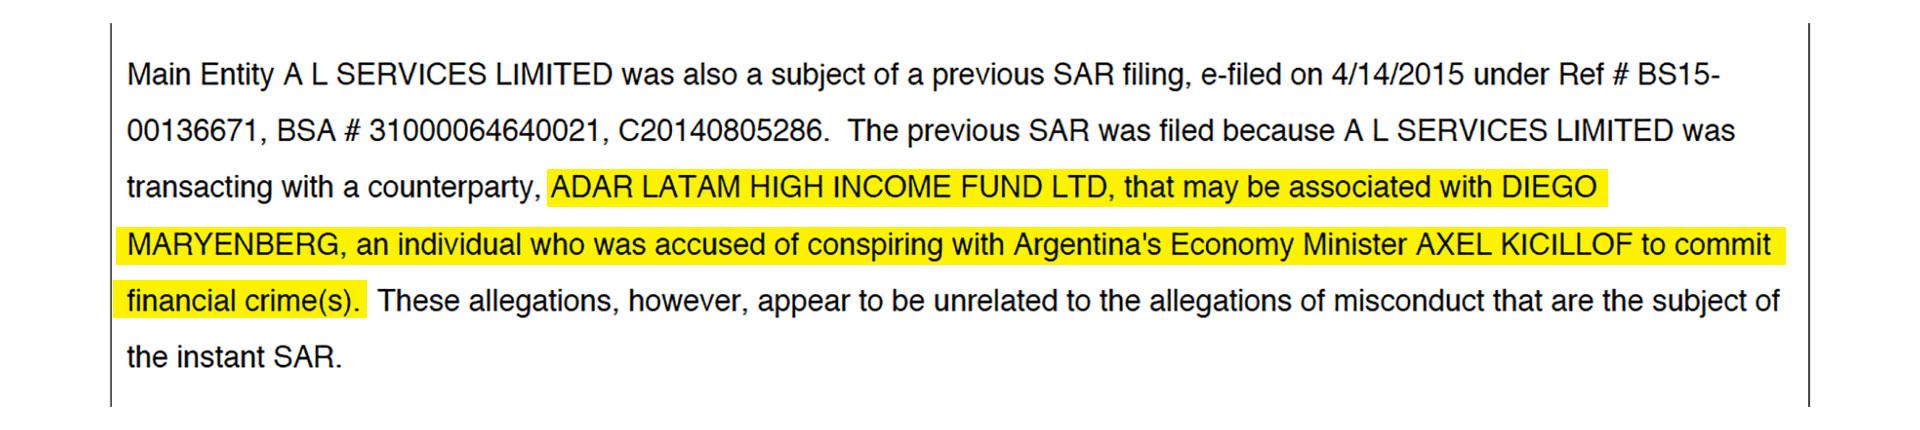 """En uno de los SAR, se menciona que en distintos medios de prensa se publicó que Marynberg había estado """"acusado de conspirar con el (entonces) ministro de Economía de Argentina, Axel Kicillof, para cometer crímenes financieros"""". Sin embargo, la investigación judicial en Argentina desestimó que hubiera sido así."""